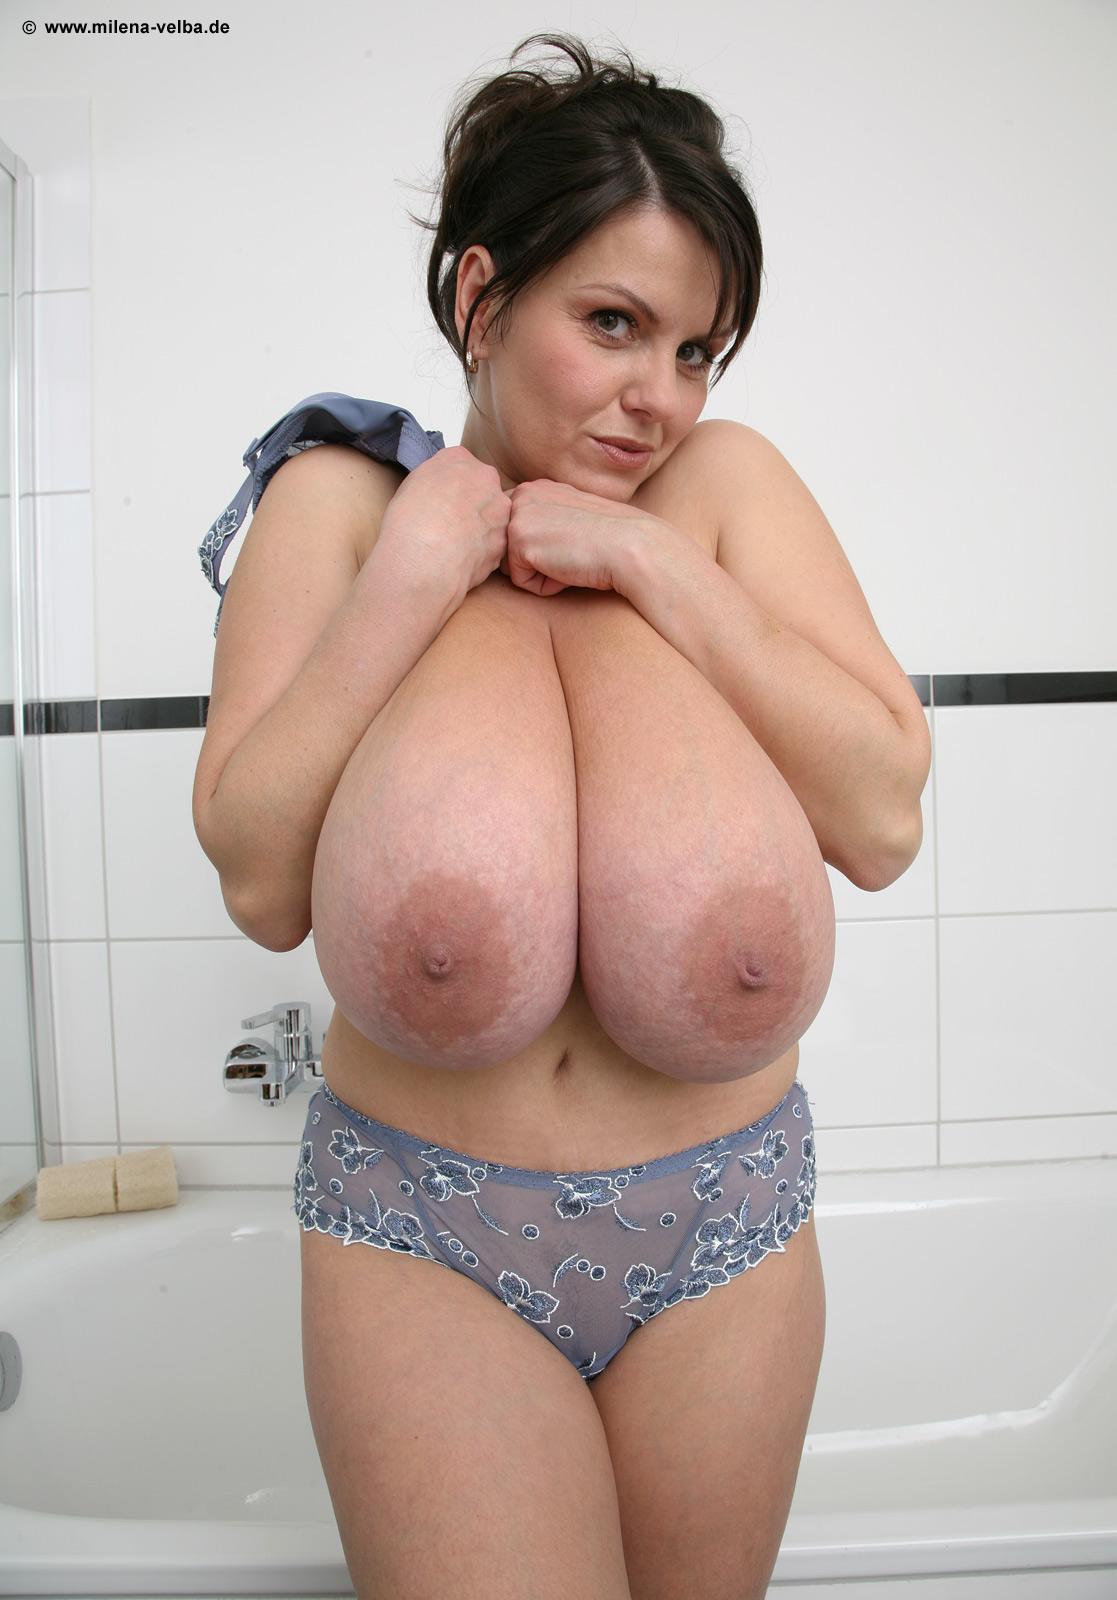 Milena velba nackt